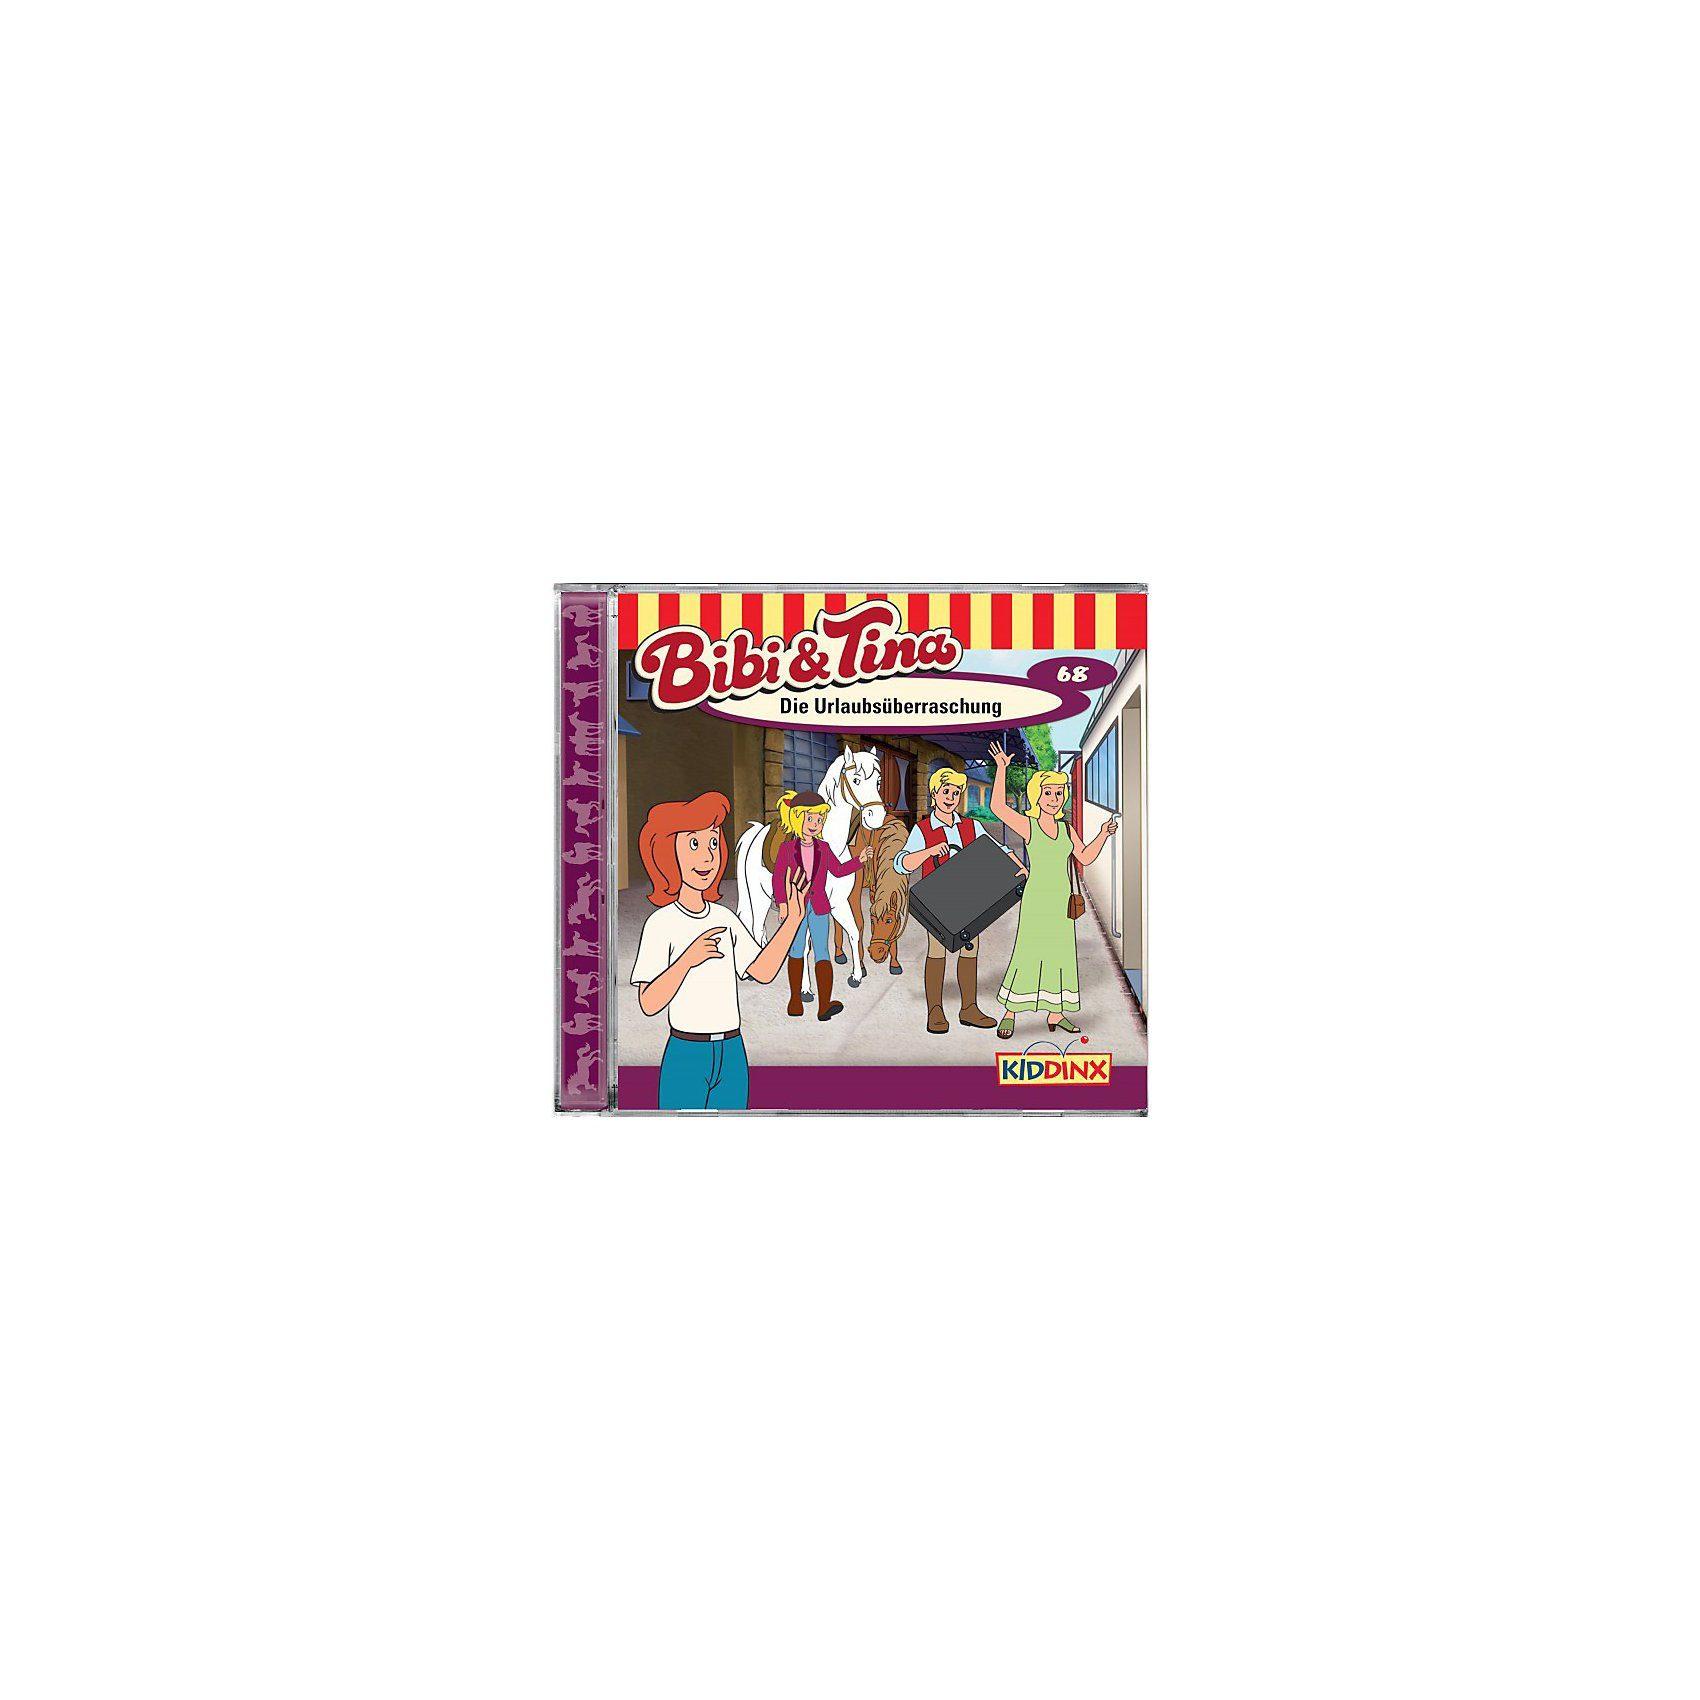 Kiddinx CD Bibi & Tina 68 - Die Urlaubsüberraschung